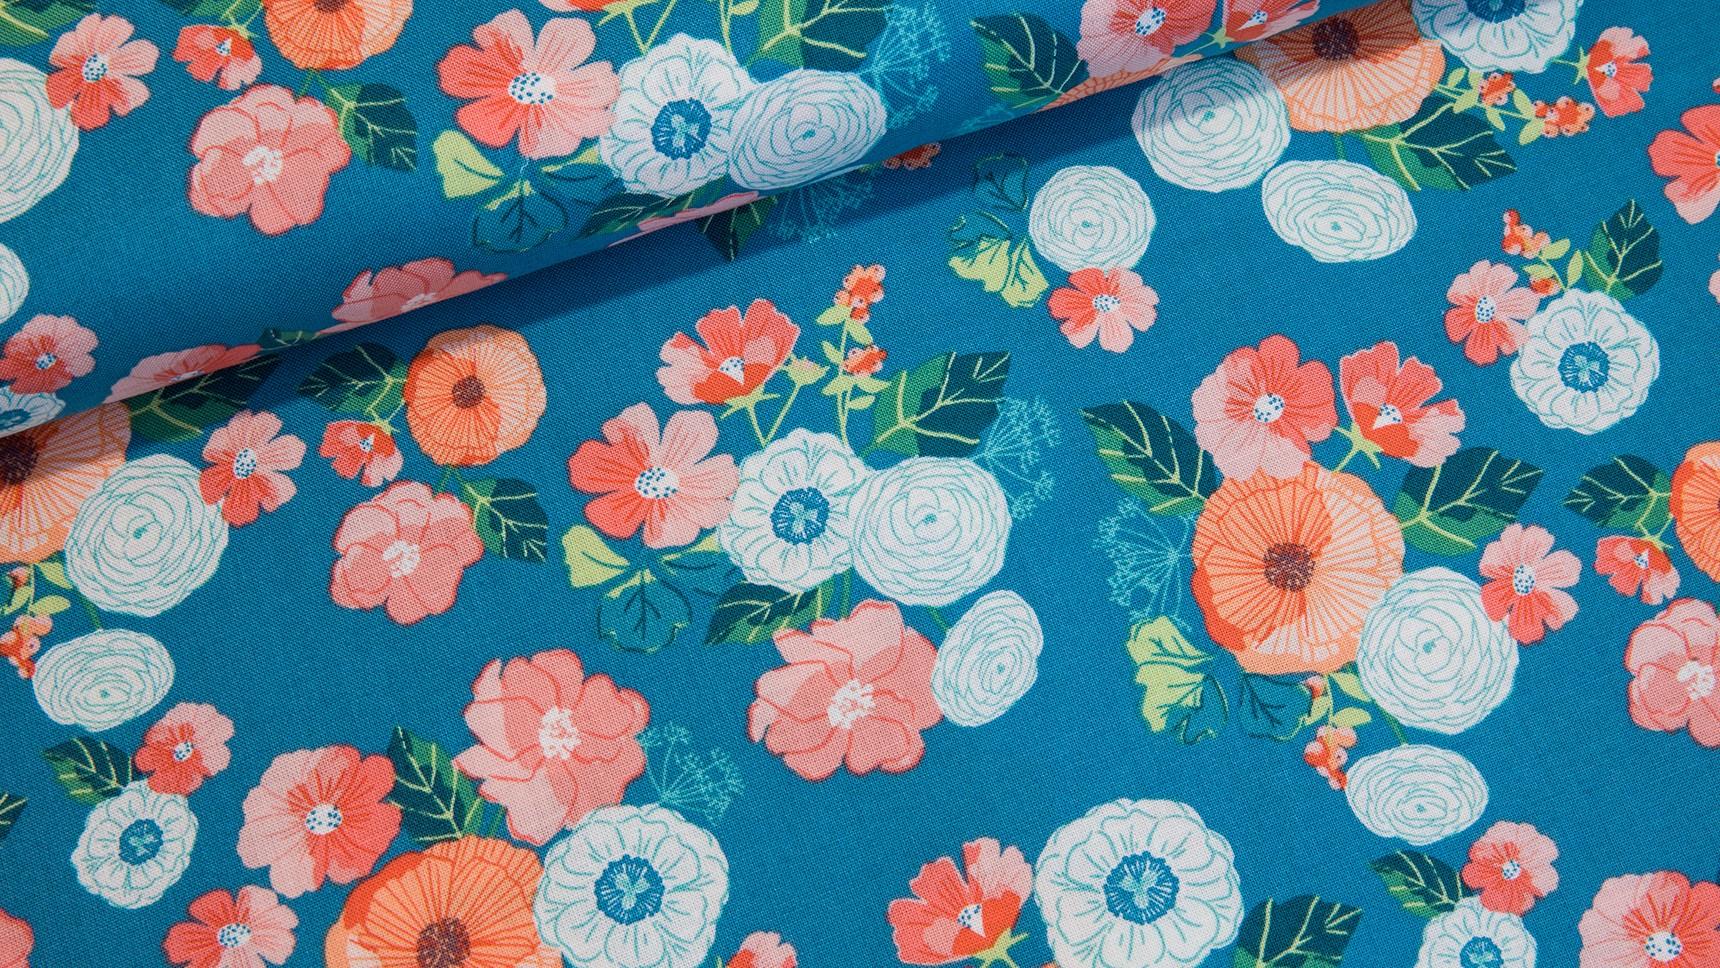 Midsummer Meadow - Wild Bouquet Teal